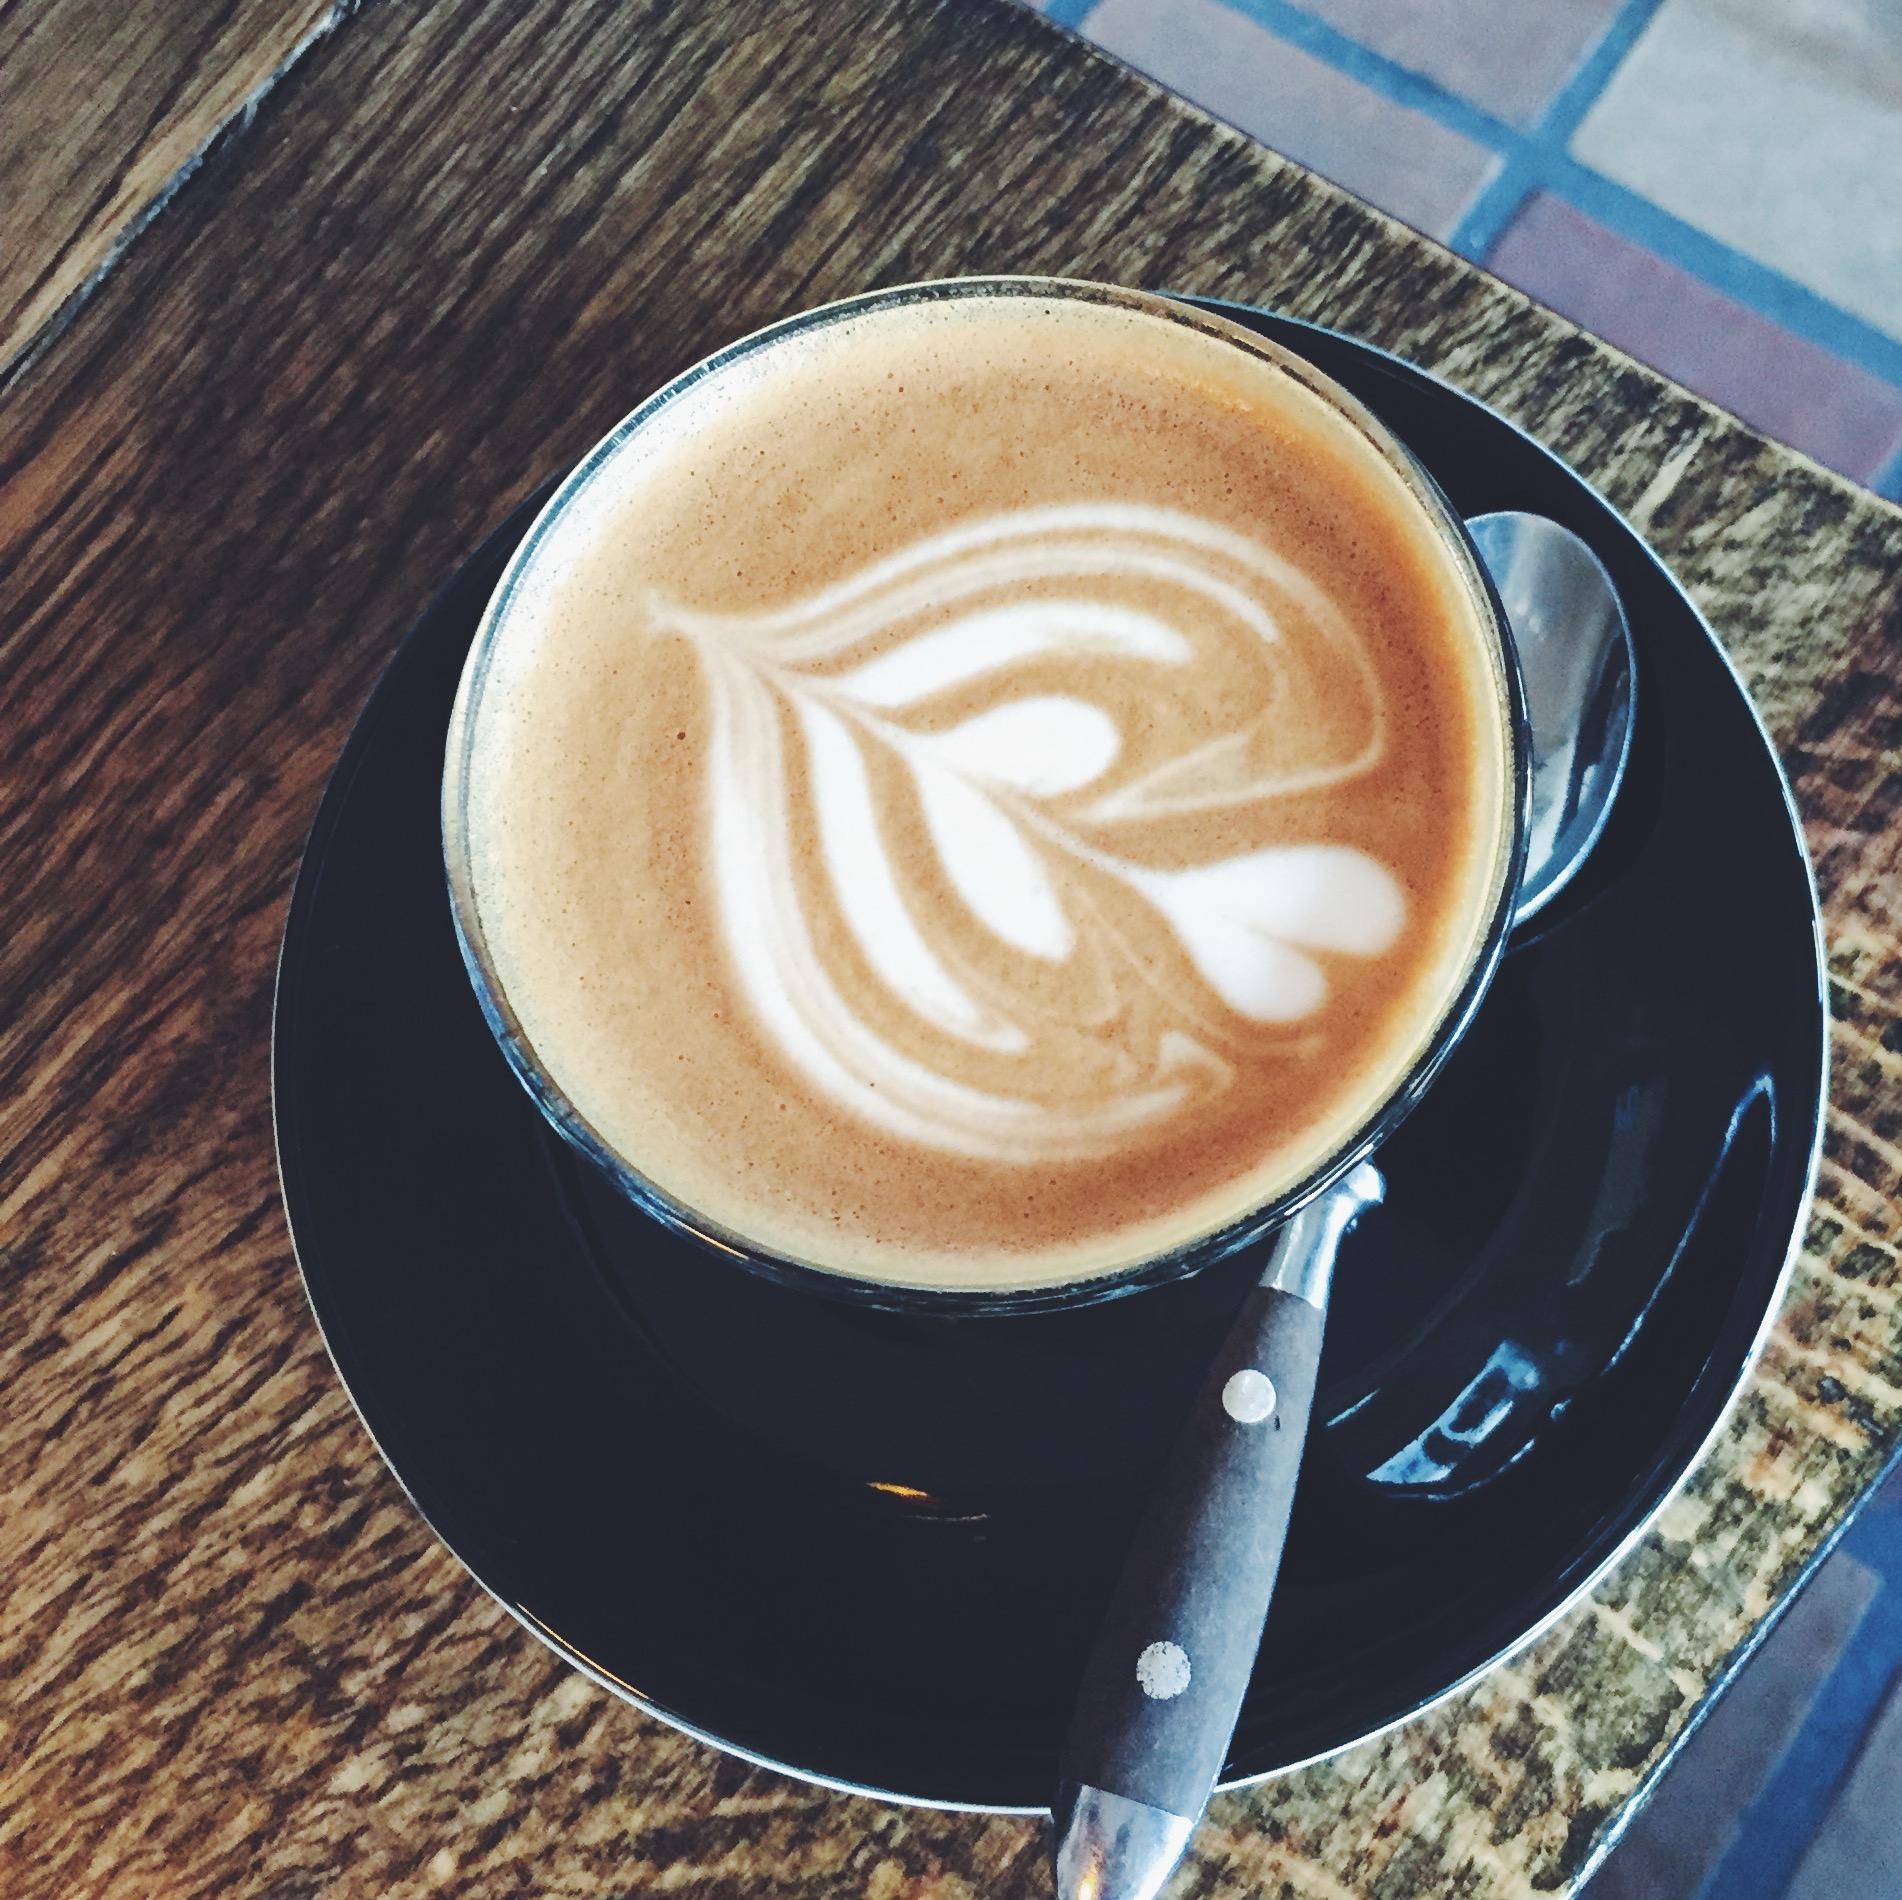 Havre latte med latte art hos Social, Nørrebro, København